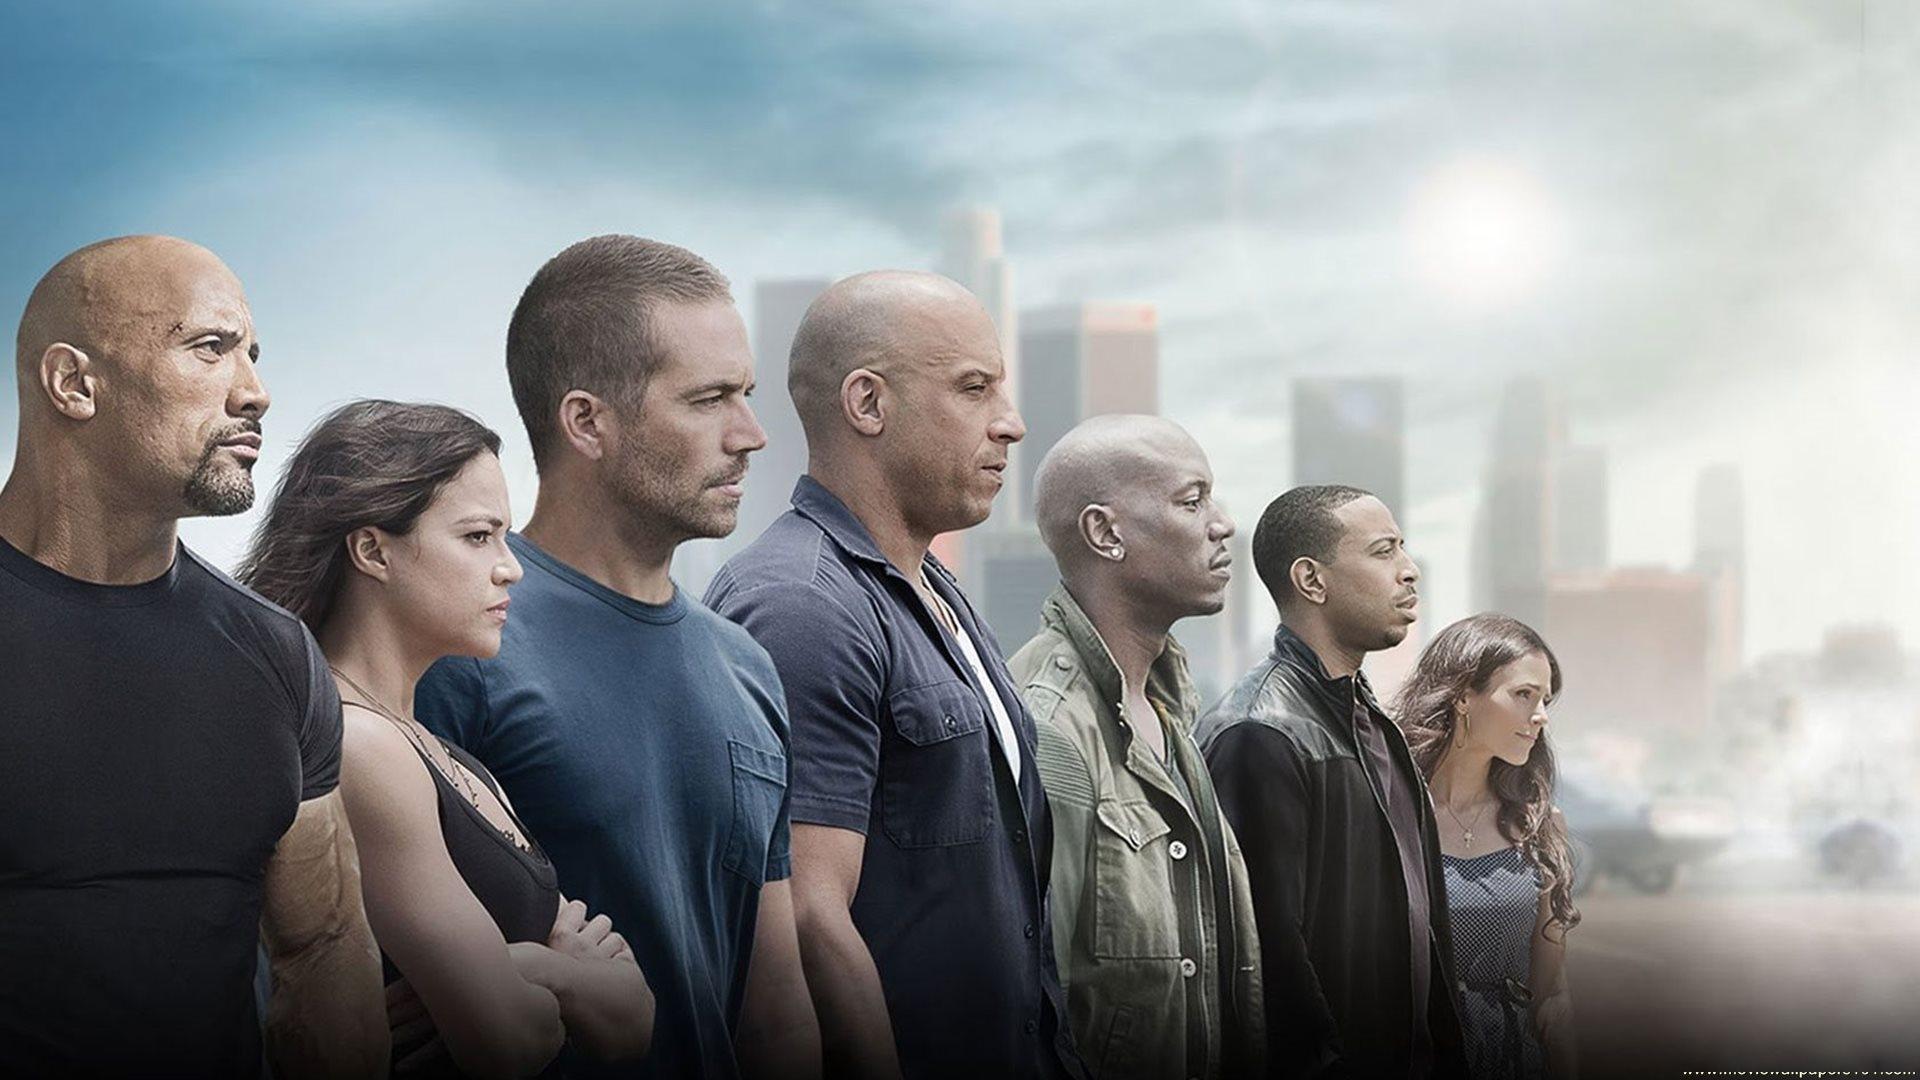 Furious 7 2015 Movie Full Cast Poster HD Wallpaper   Stylish HD 1920x1080